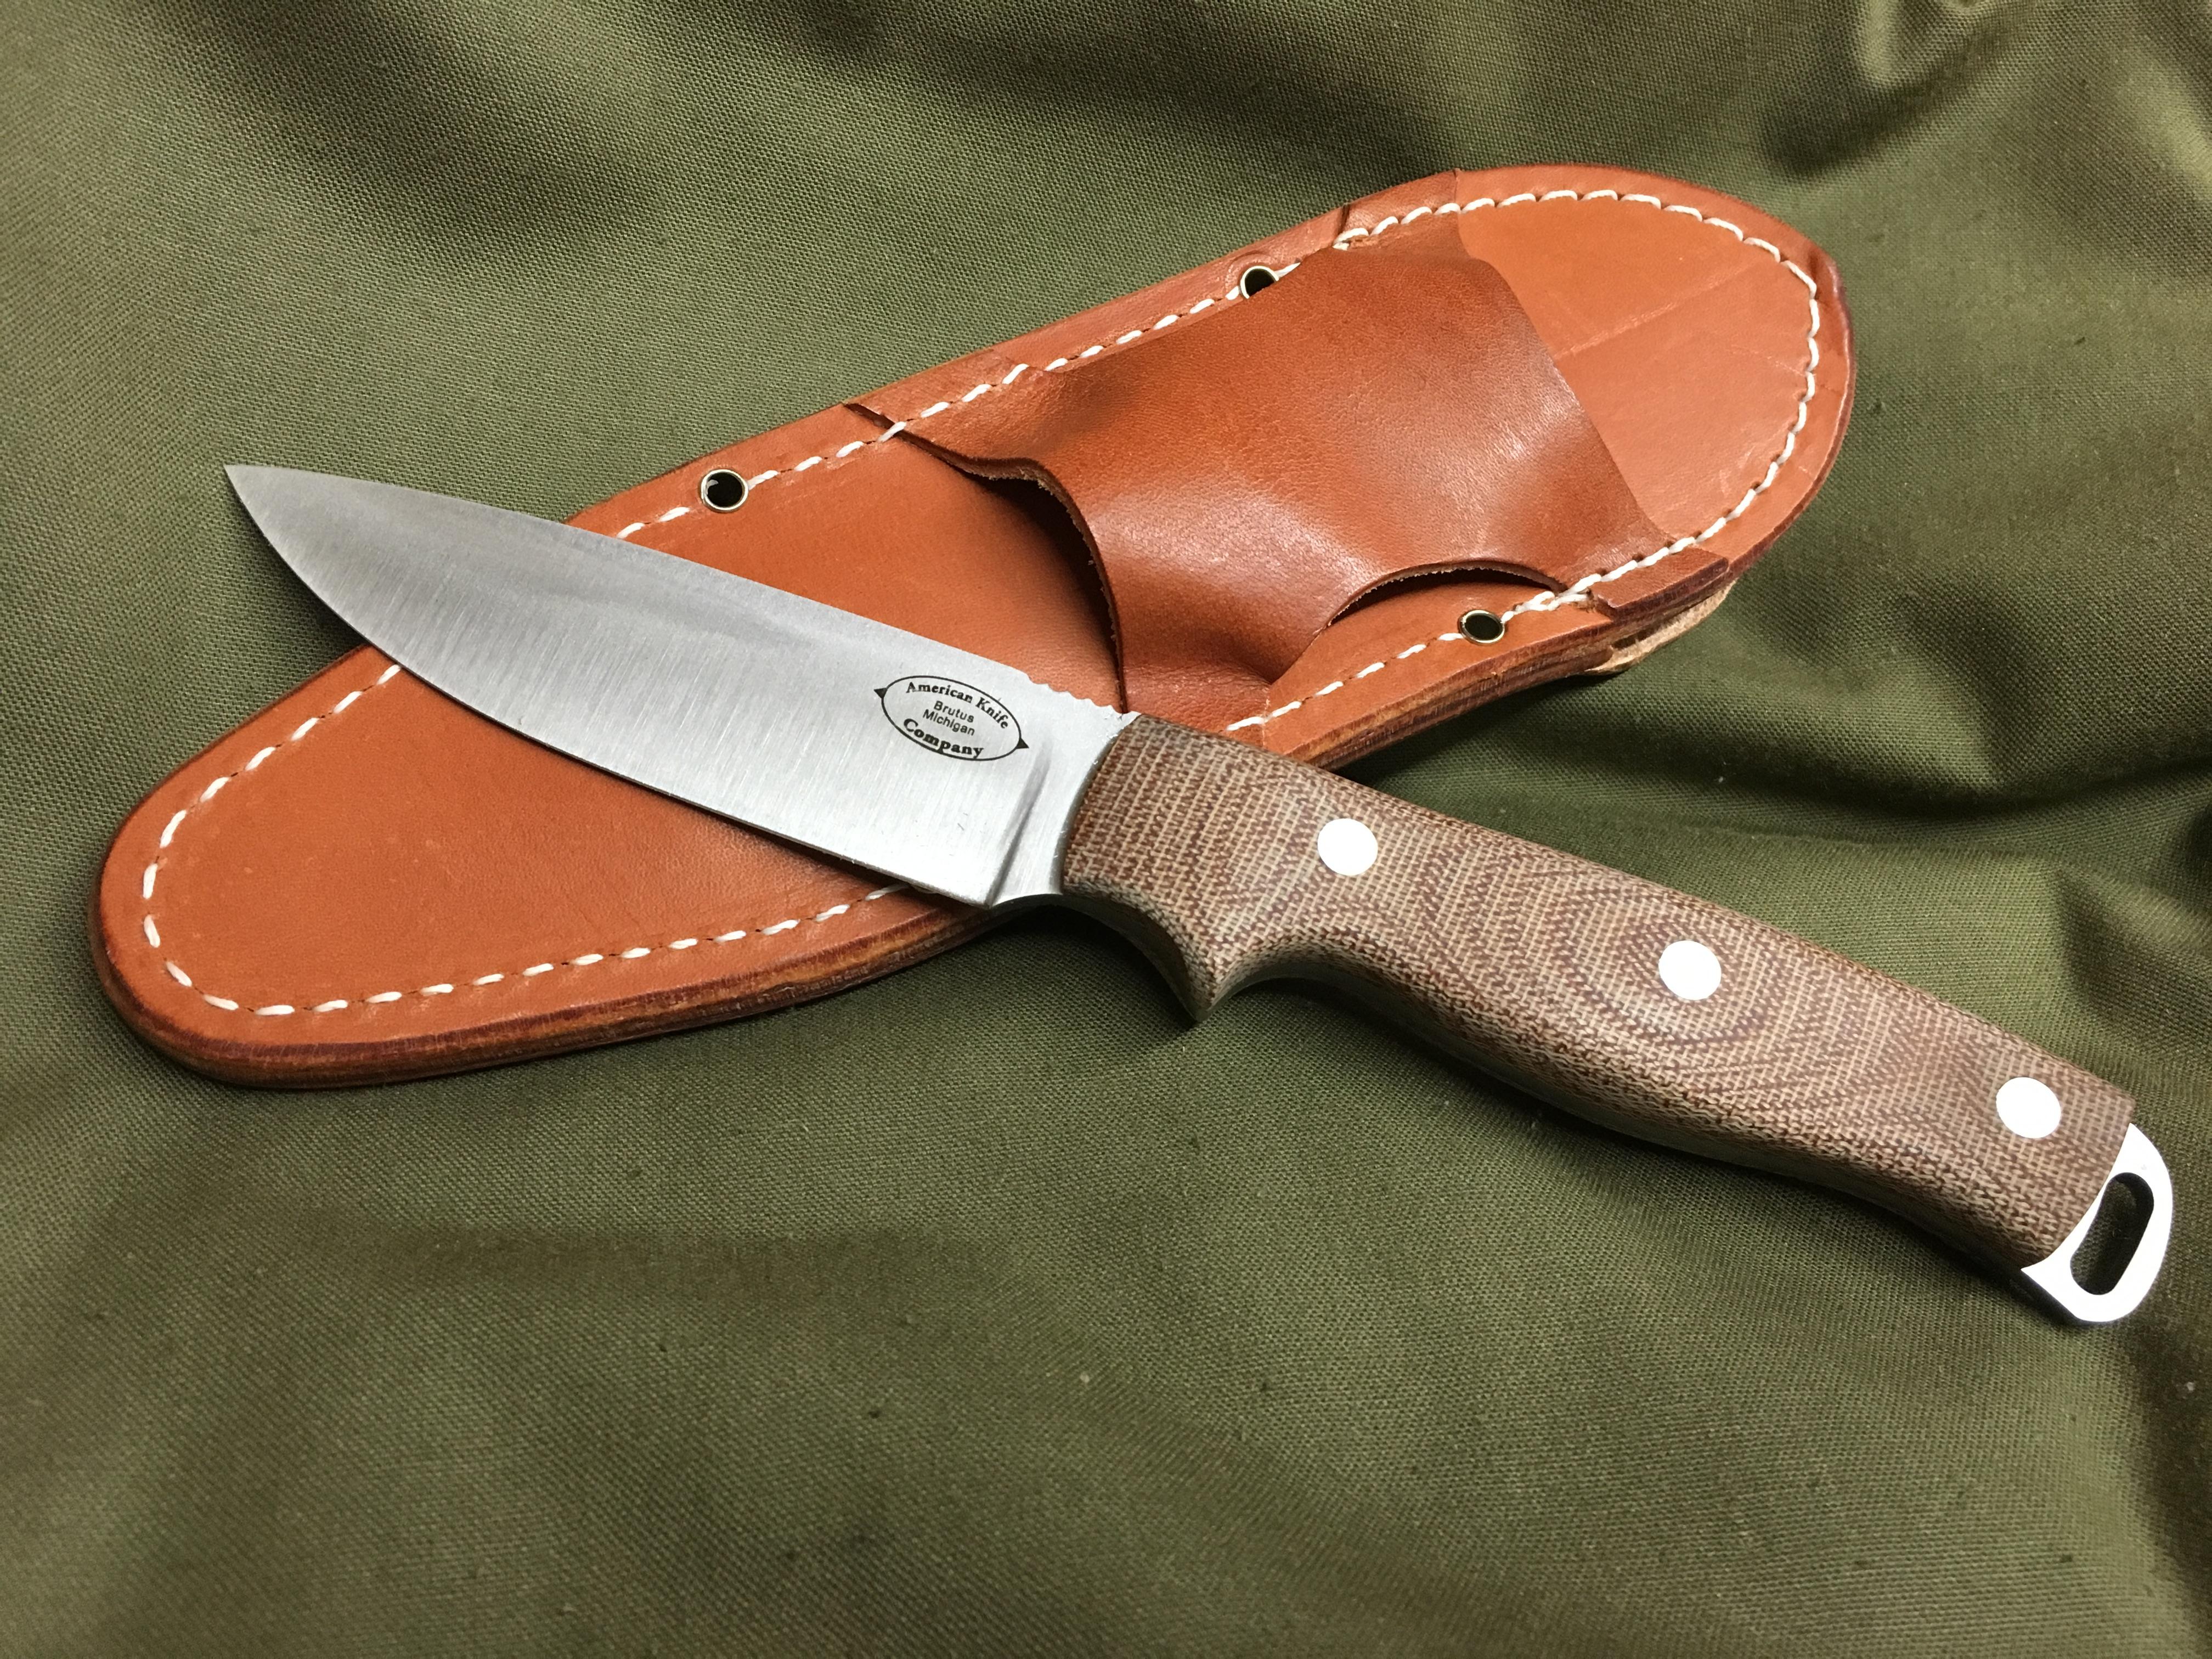 ハンティングナイフか、ブッシュクラフトナイフか